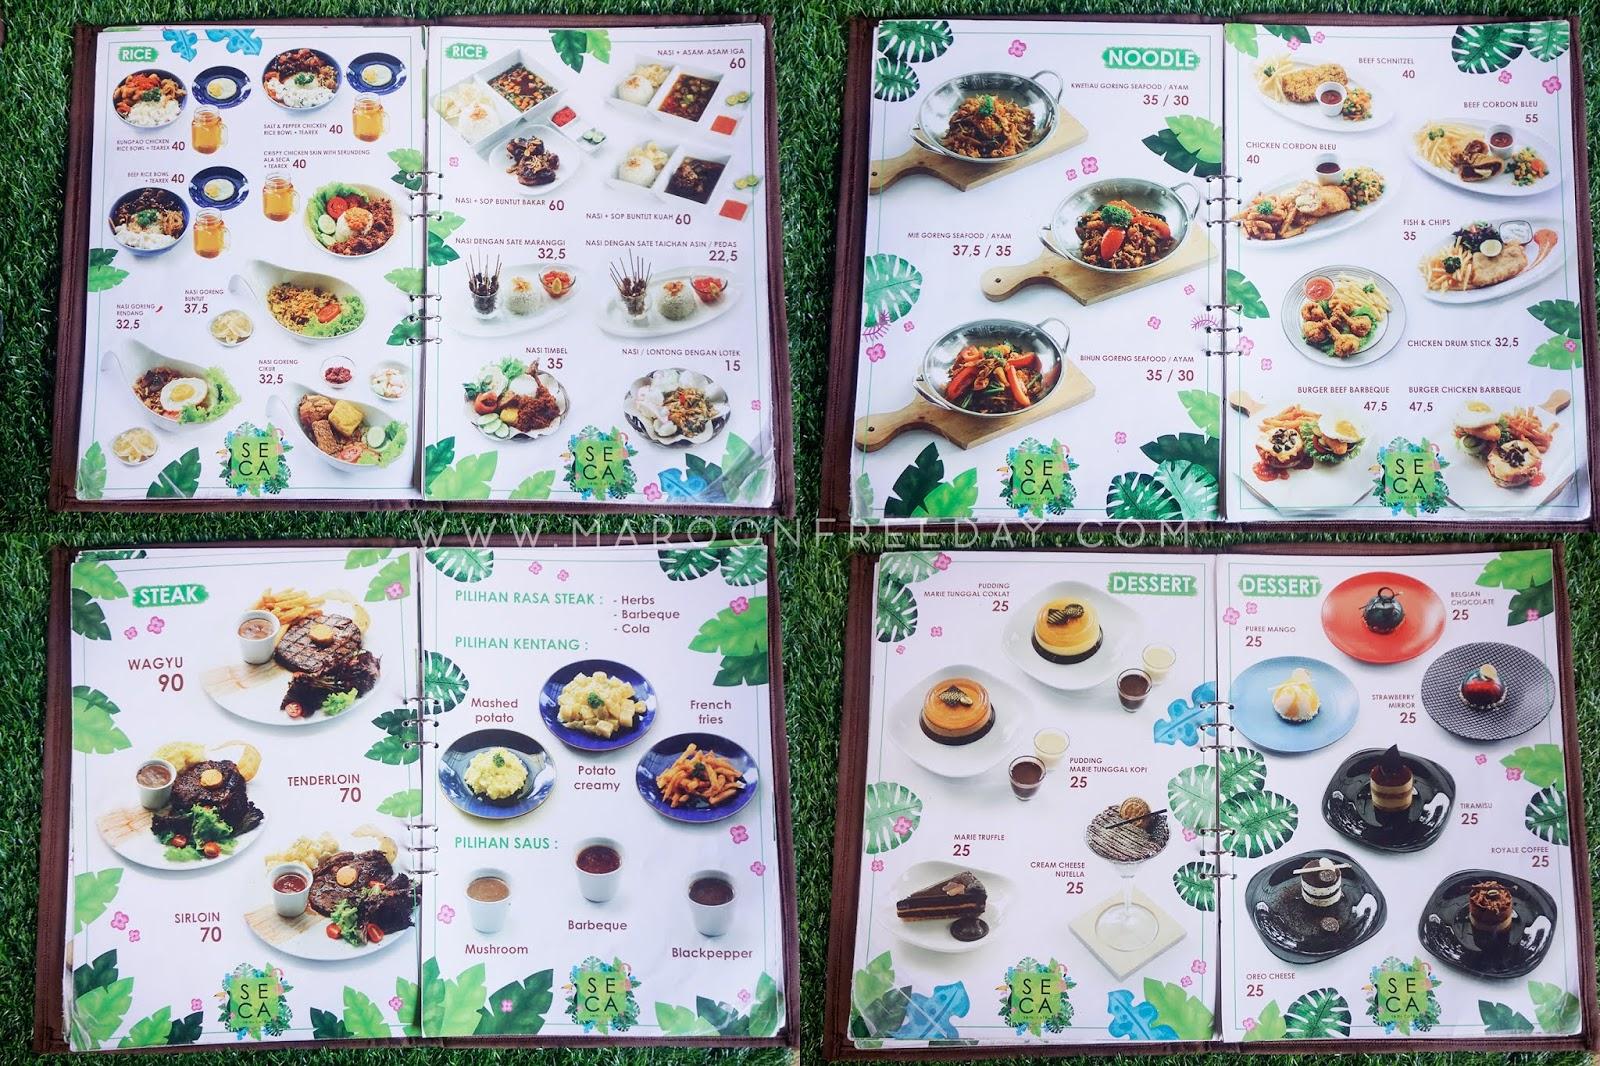 Menu Seca Semi Cafe Bandung